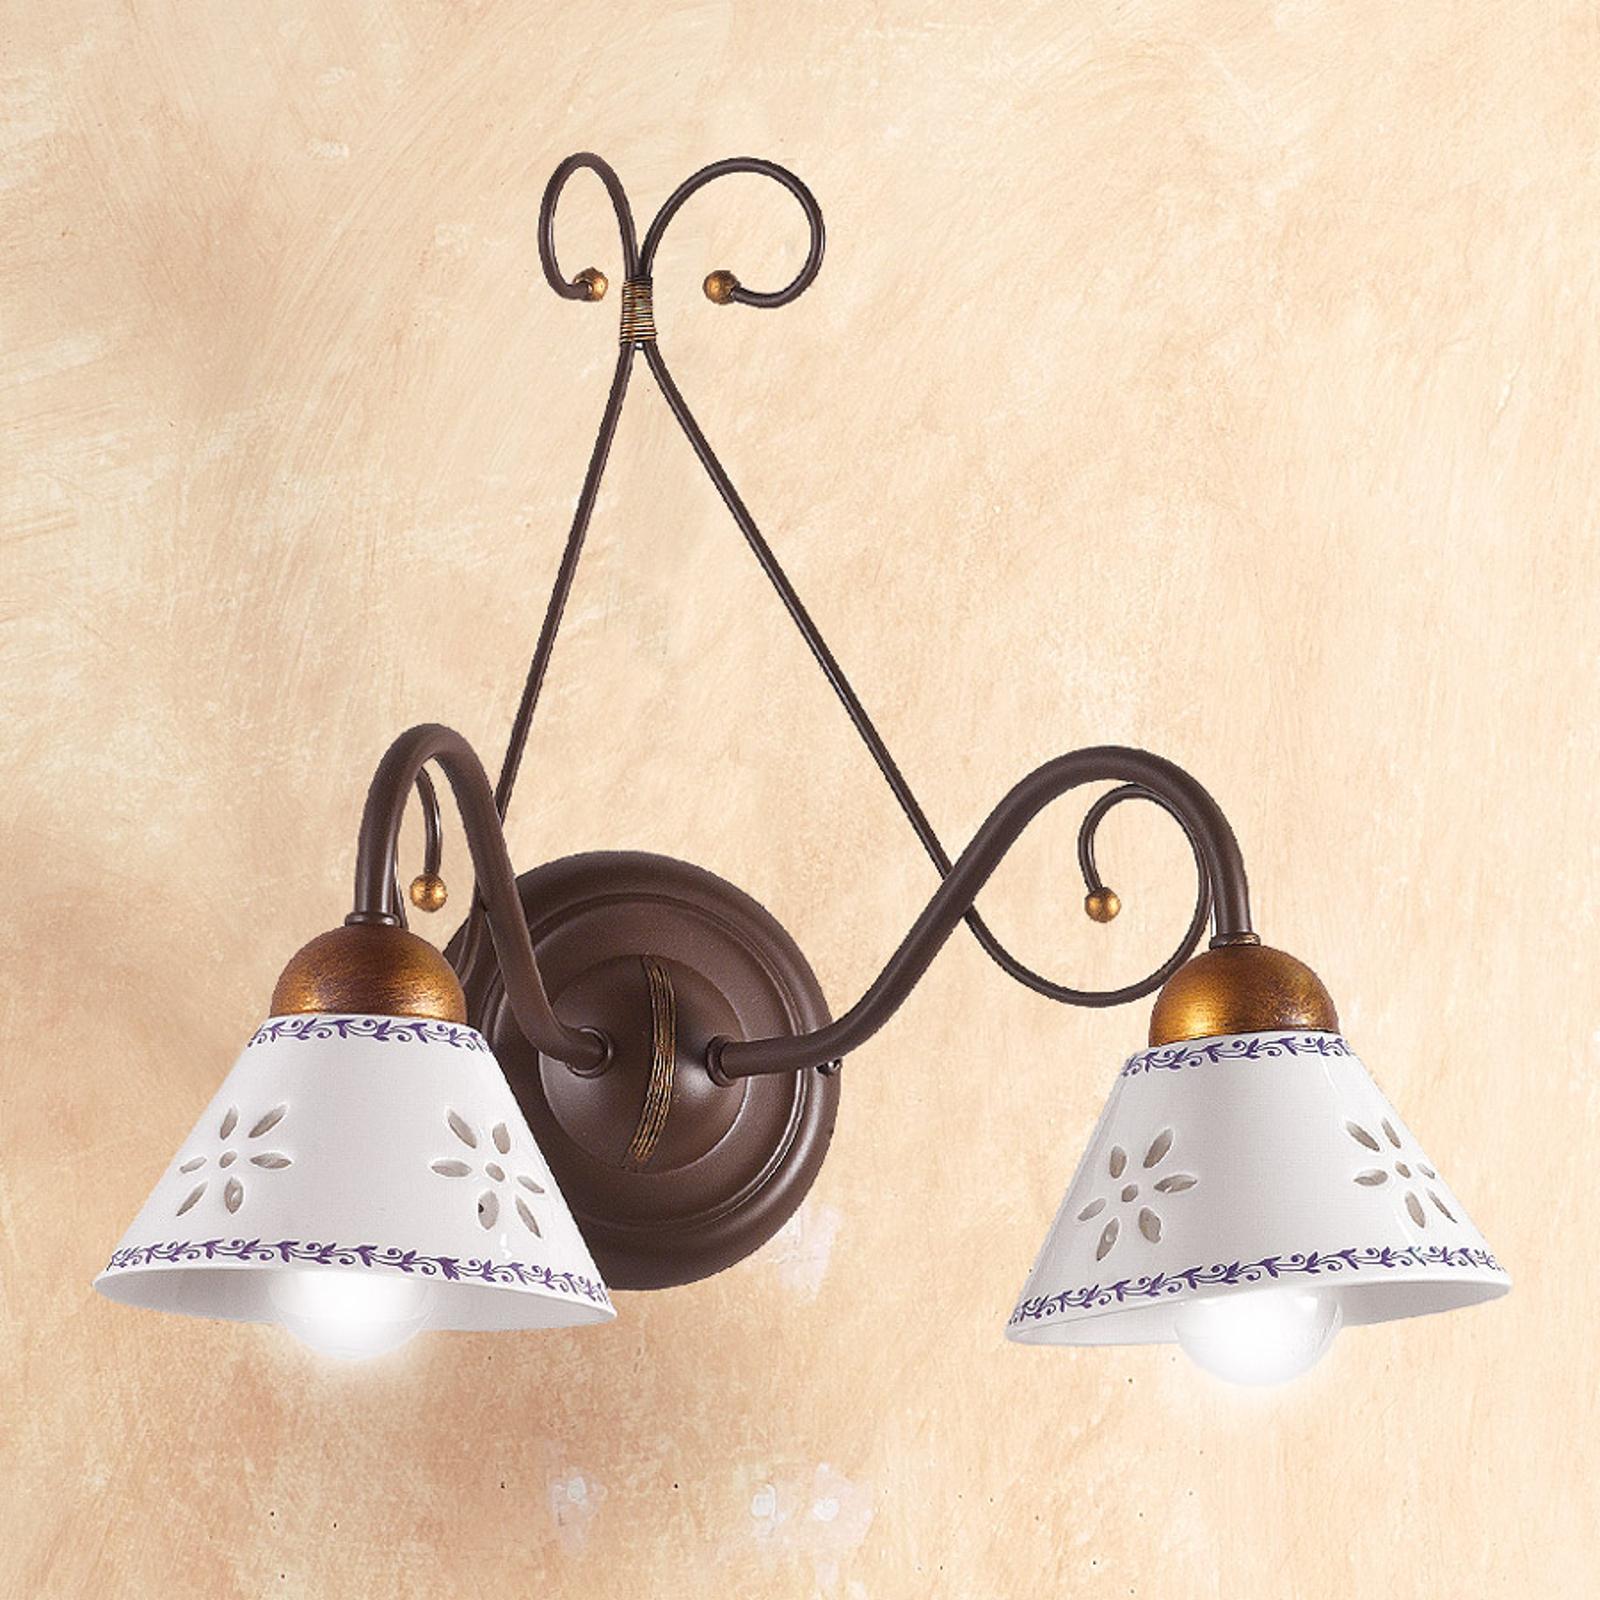 Væglampe LIBERTY, med 2 lyskilder